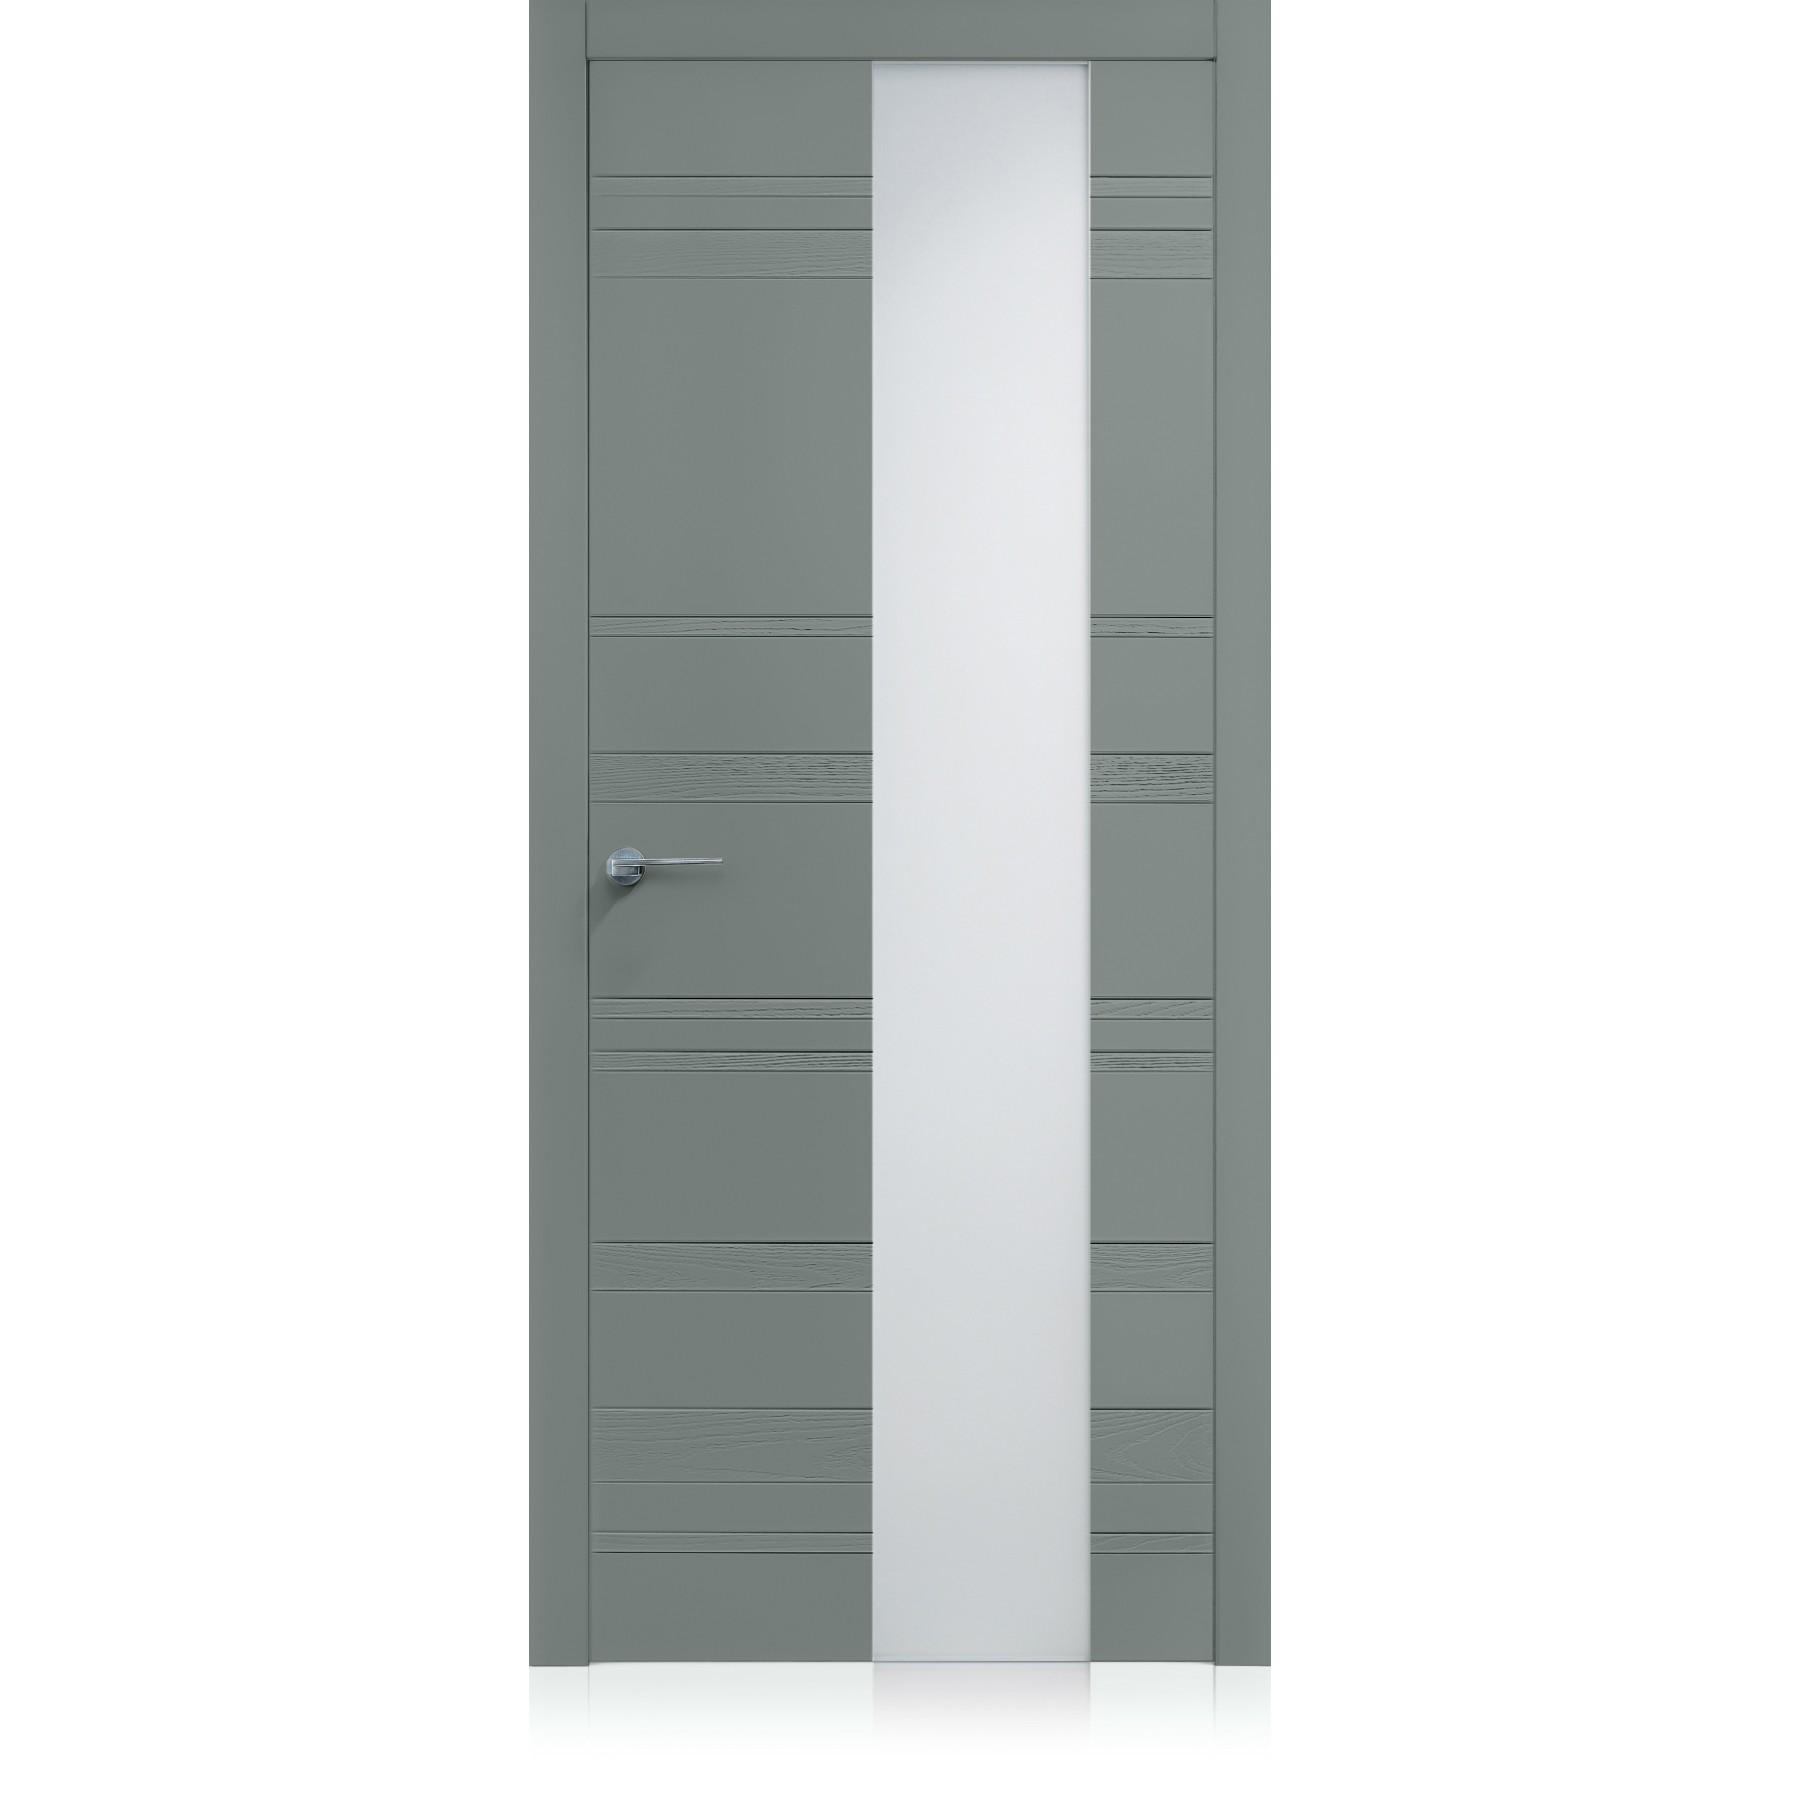 Porte Equa Styla Vetro Metallo Light Laccato ULTRAopaco